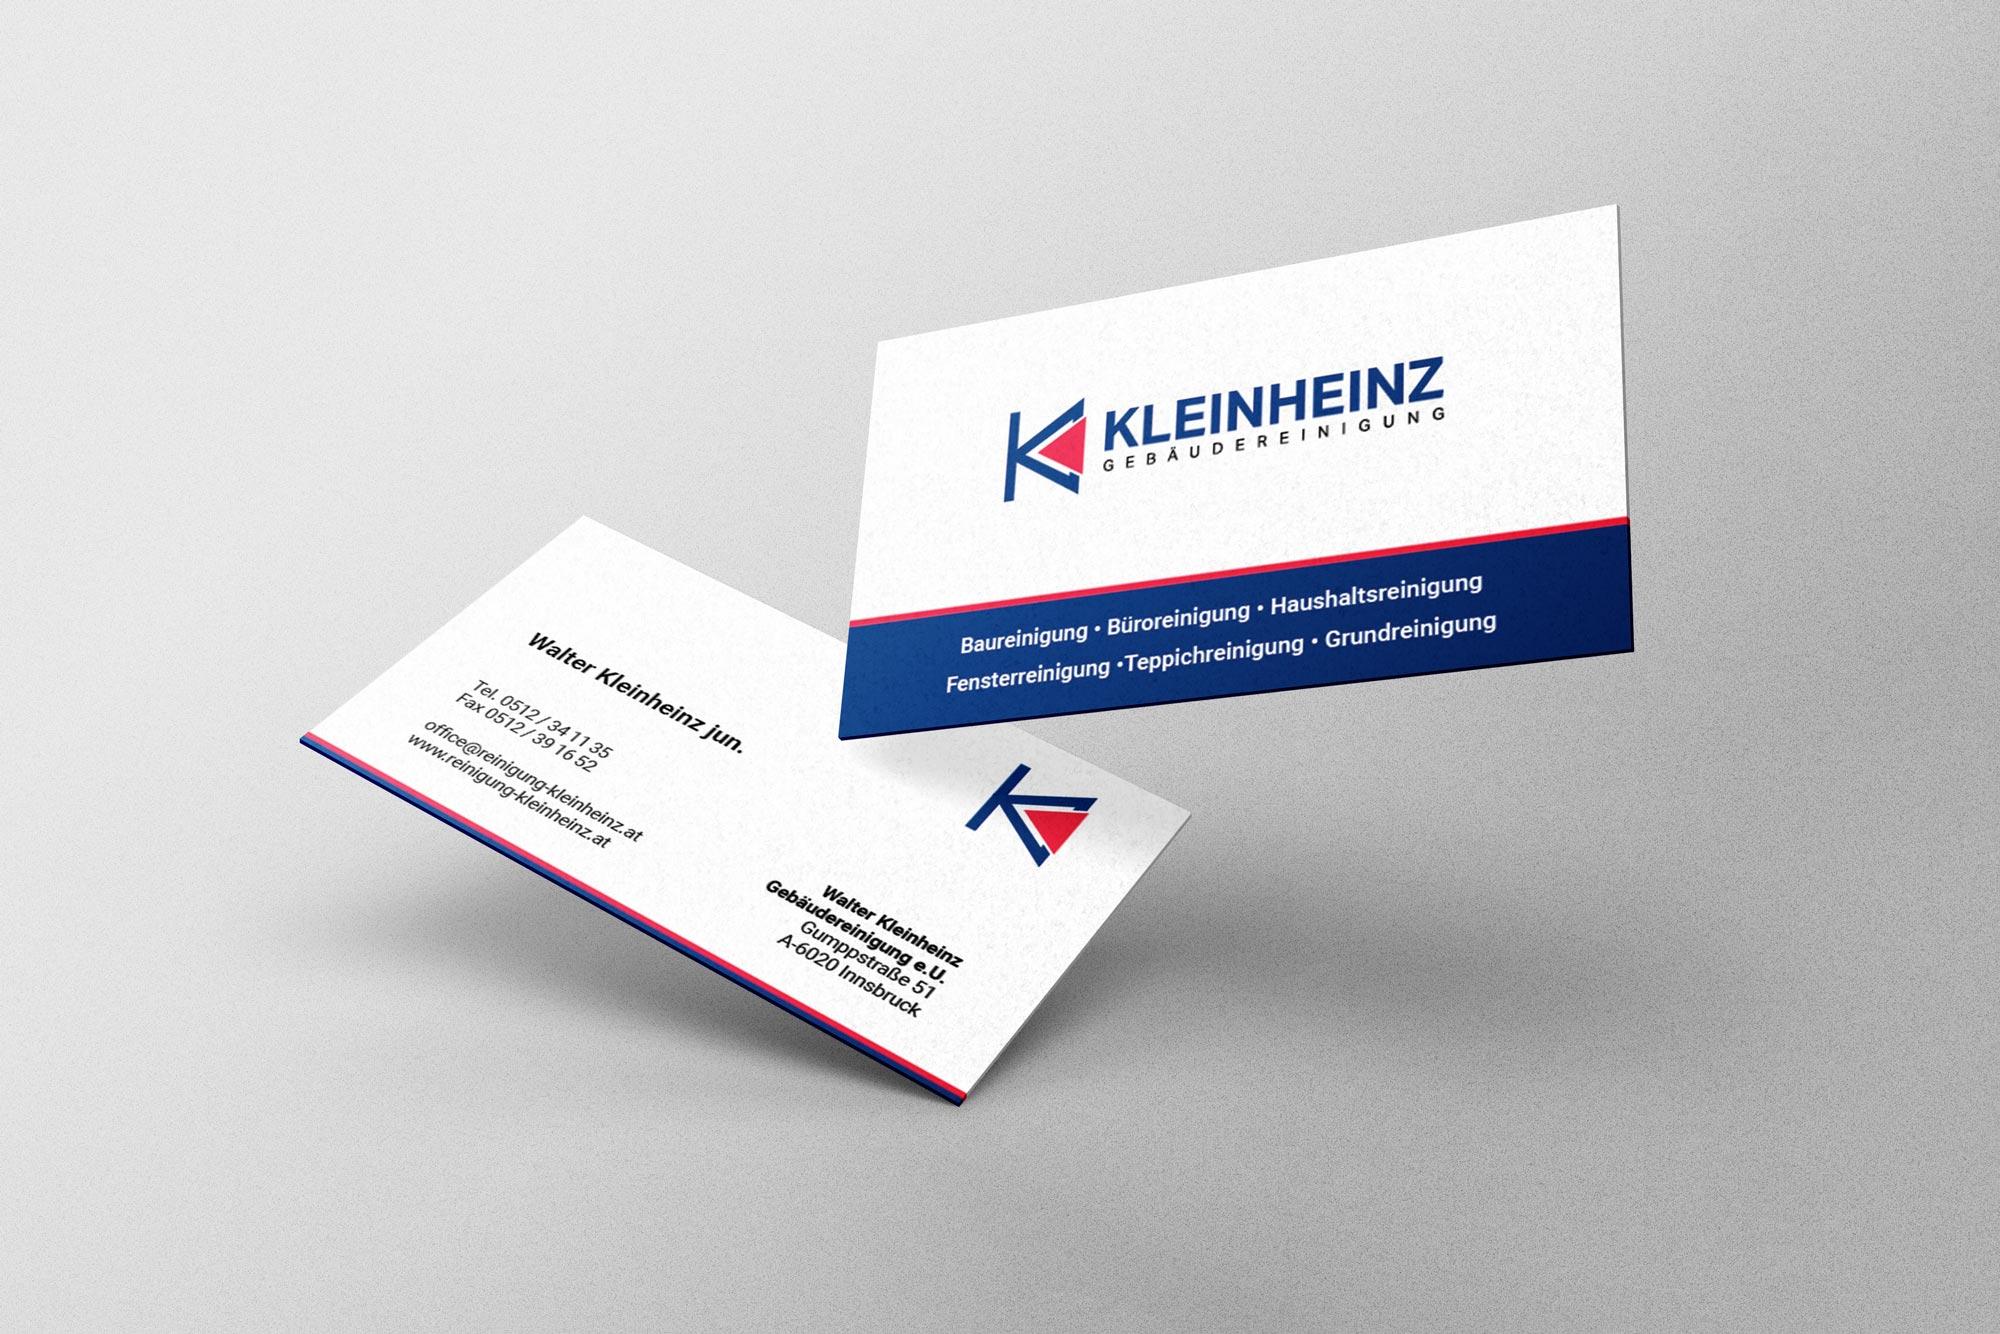 kleinheinz-reinigung-visitenkarten-1